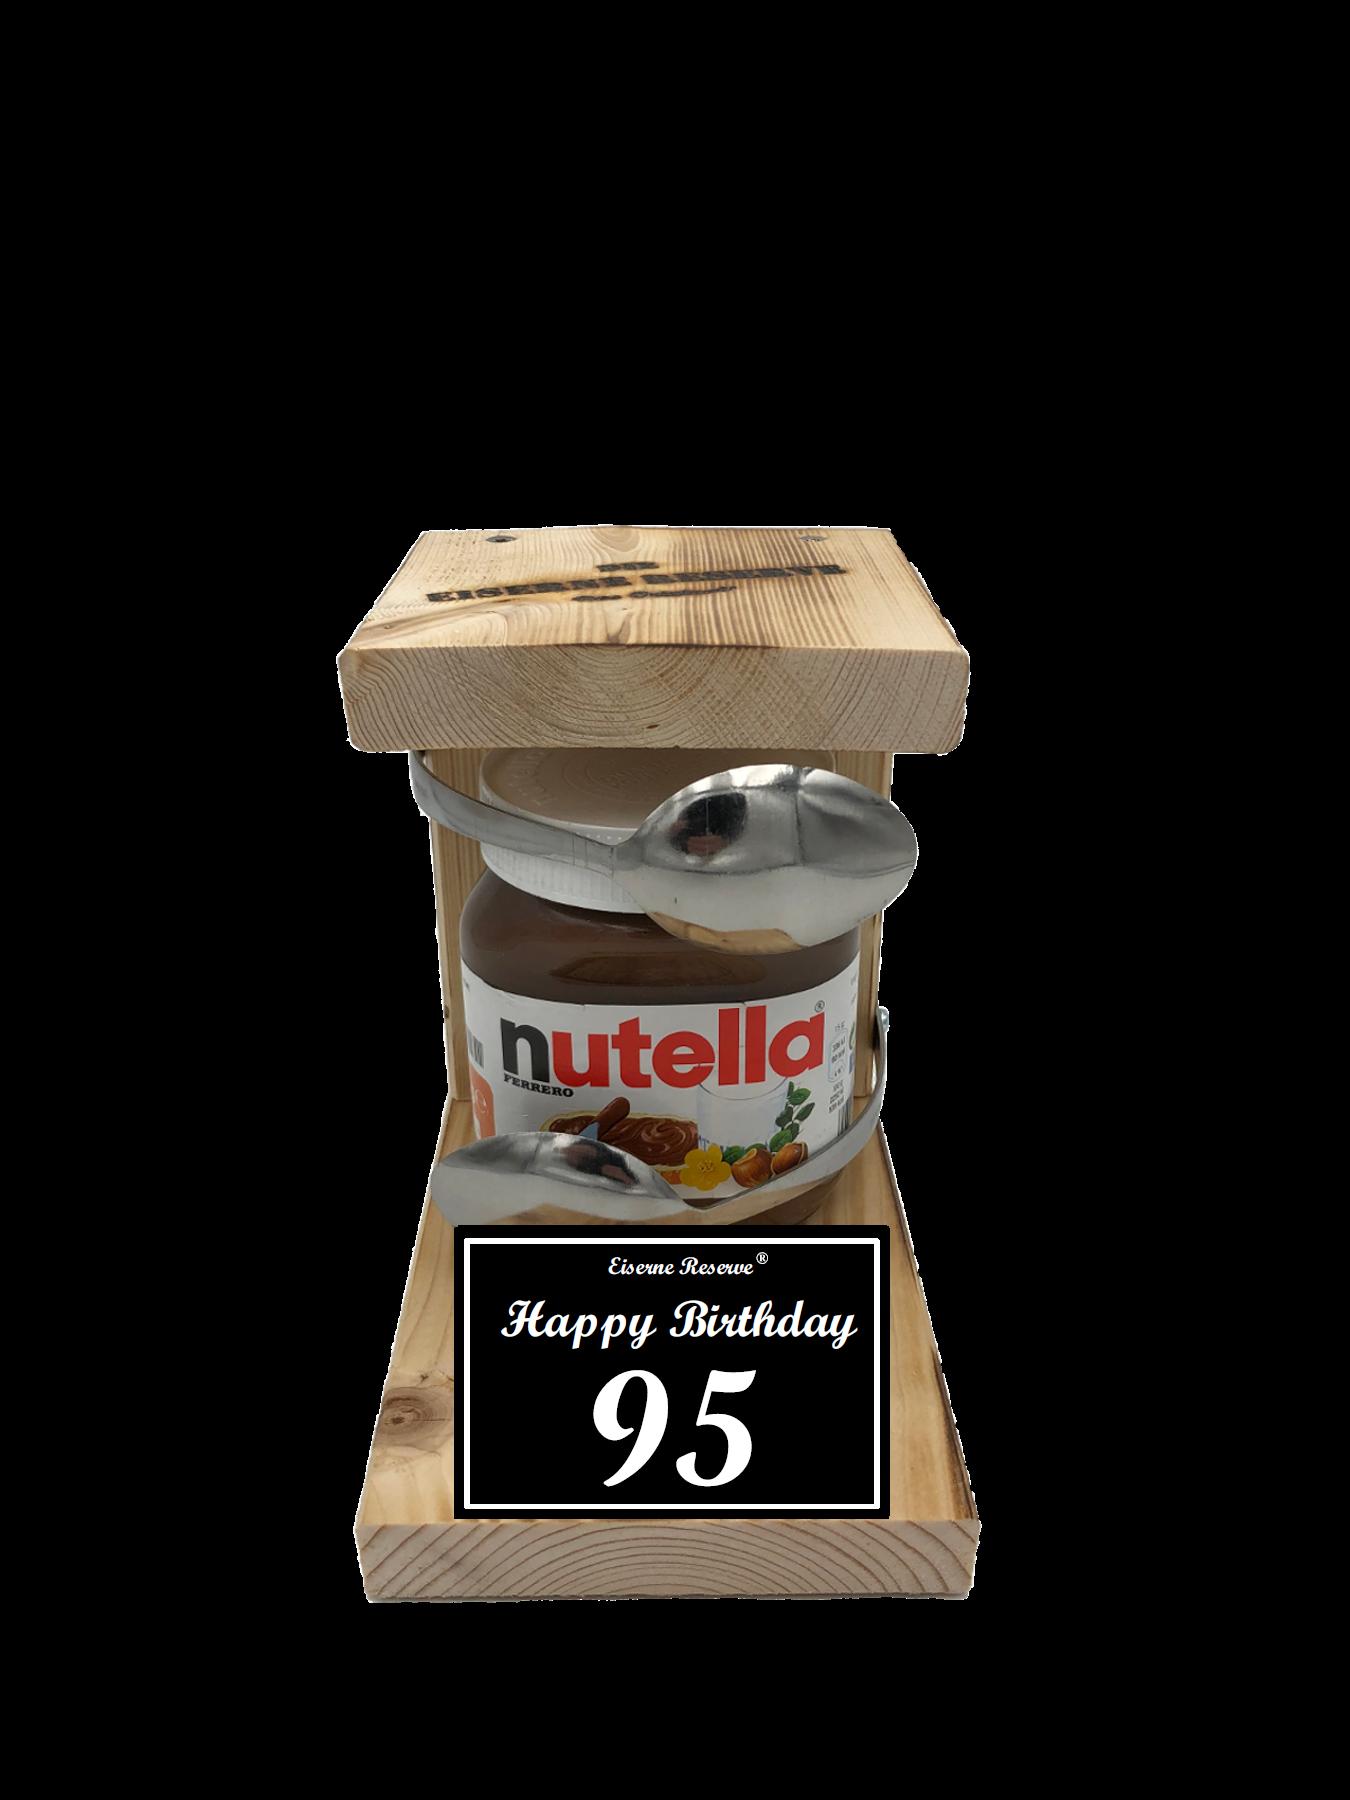 95 Happy Birthday Löffel Nutella Geschenk - Die Nutella Geschenkidee